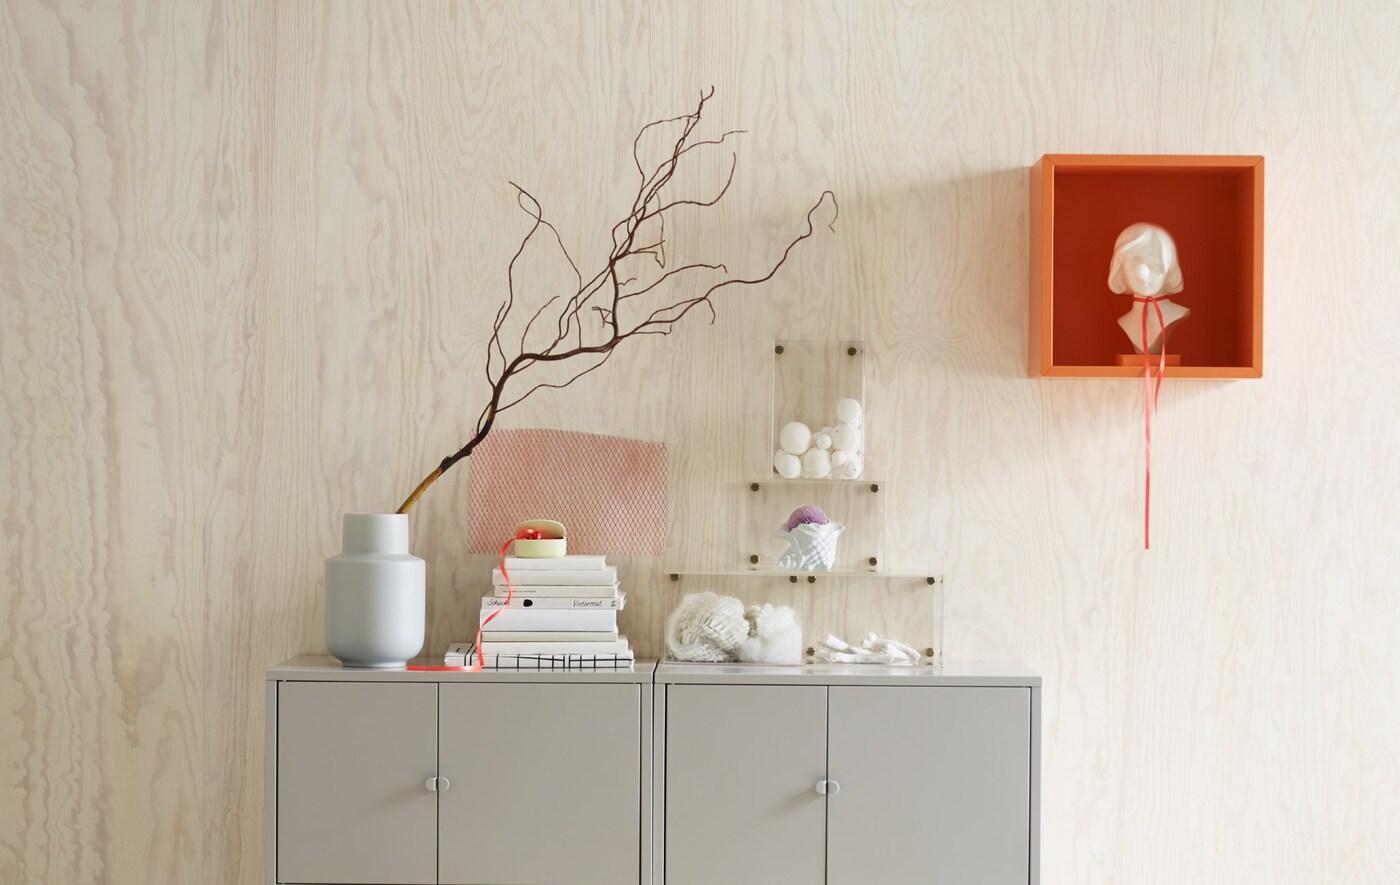 Comme idées de déco intérieure, IKEA suggère un rangement d'inspiration scandinave basé sur des armoires fermées en métal gris, des objets trouvés exposés dans des boîtes en plastique et un élément mural cubique en orange.